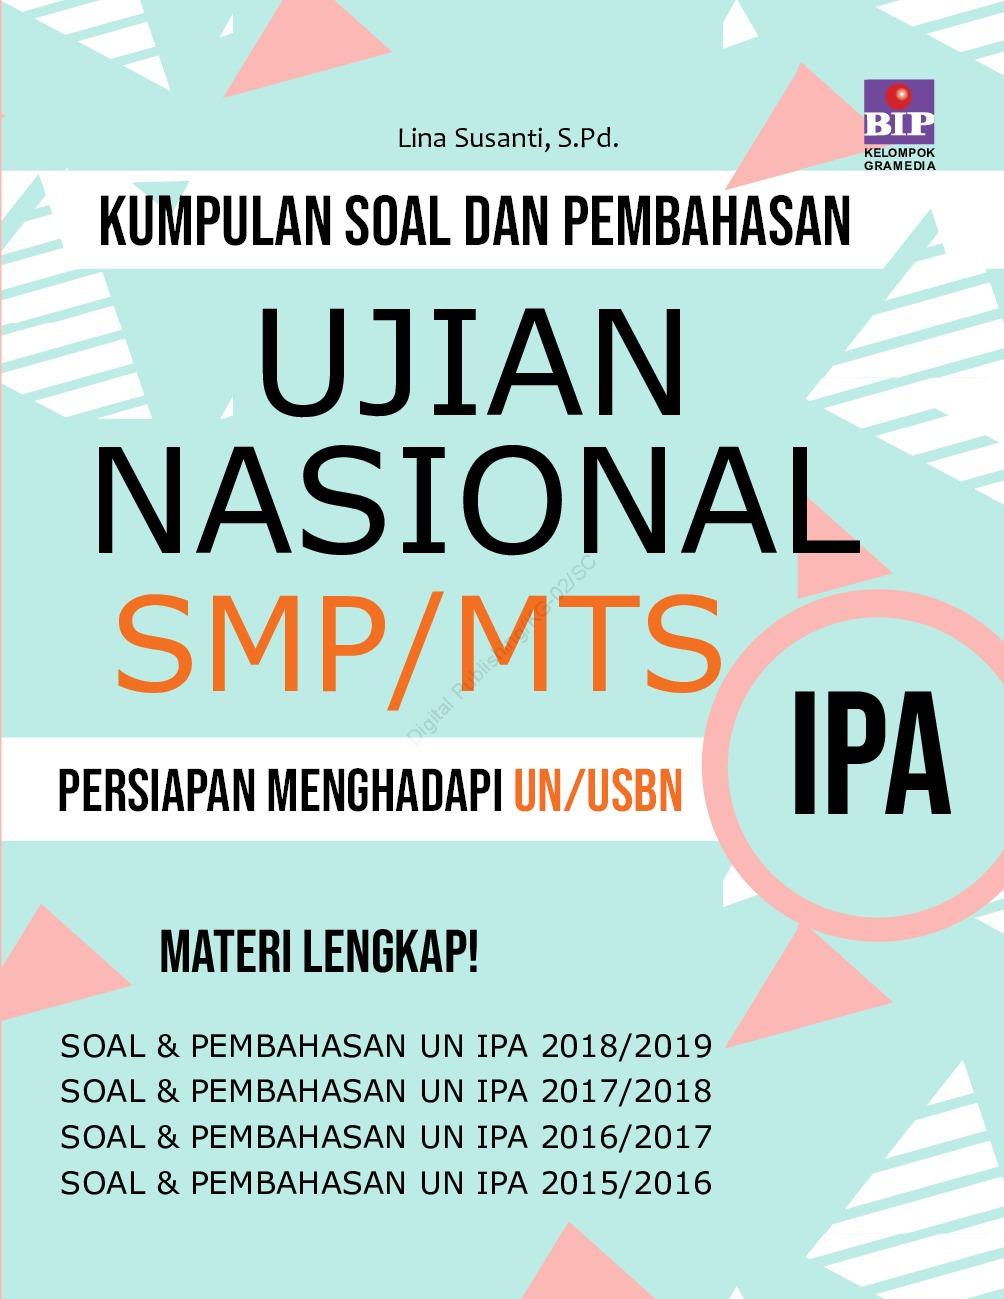 Kumpulan Soal Dan Pembahasan Un Ipa Smp Mts Book By Lina Susanti S Pd Gramedia Digital